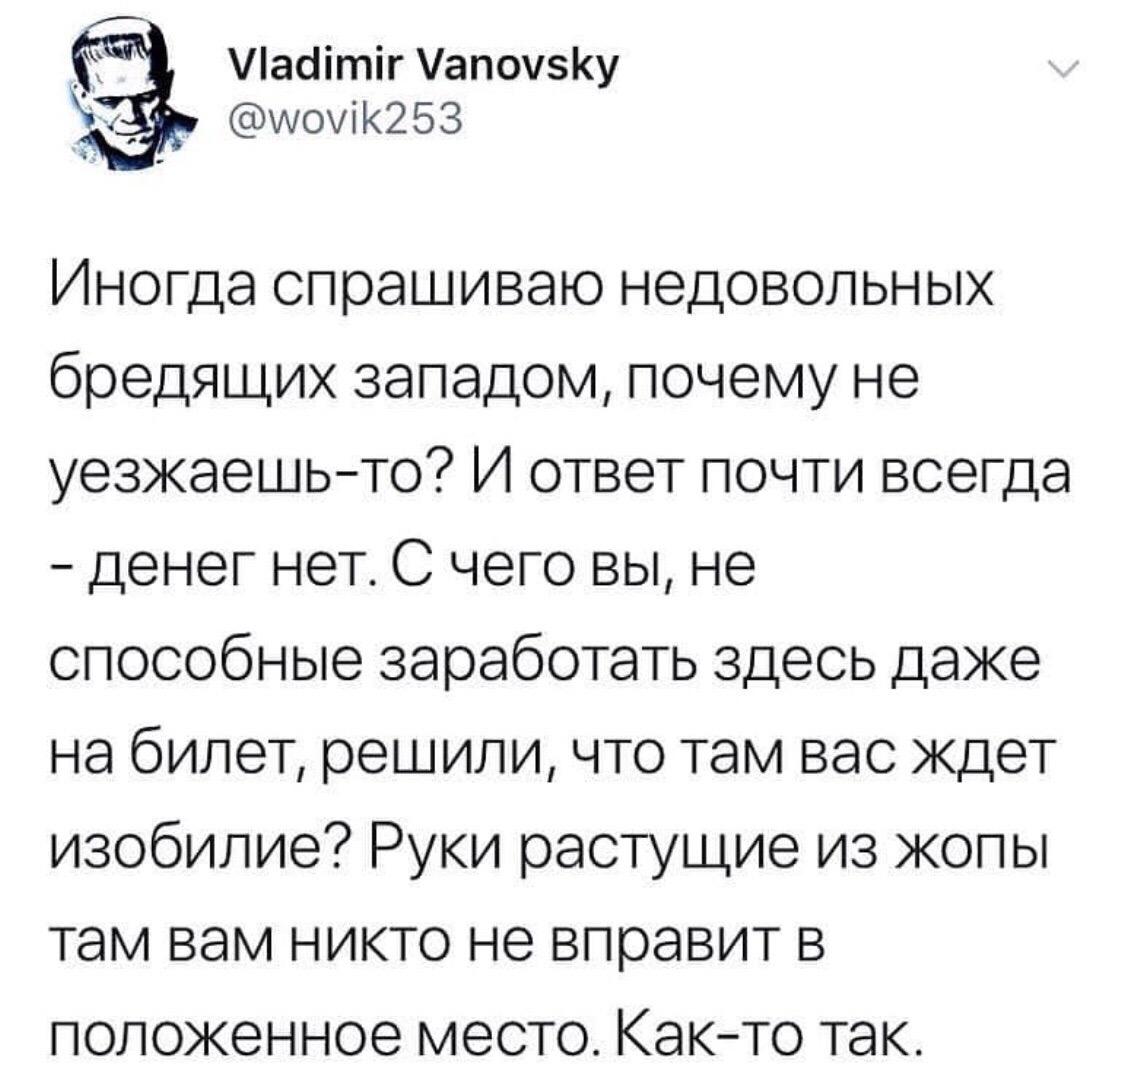 https://pp.userapi.com/c846320/v846320284/18fe64/EXqM_8D0yKk.jpg